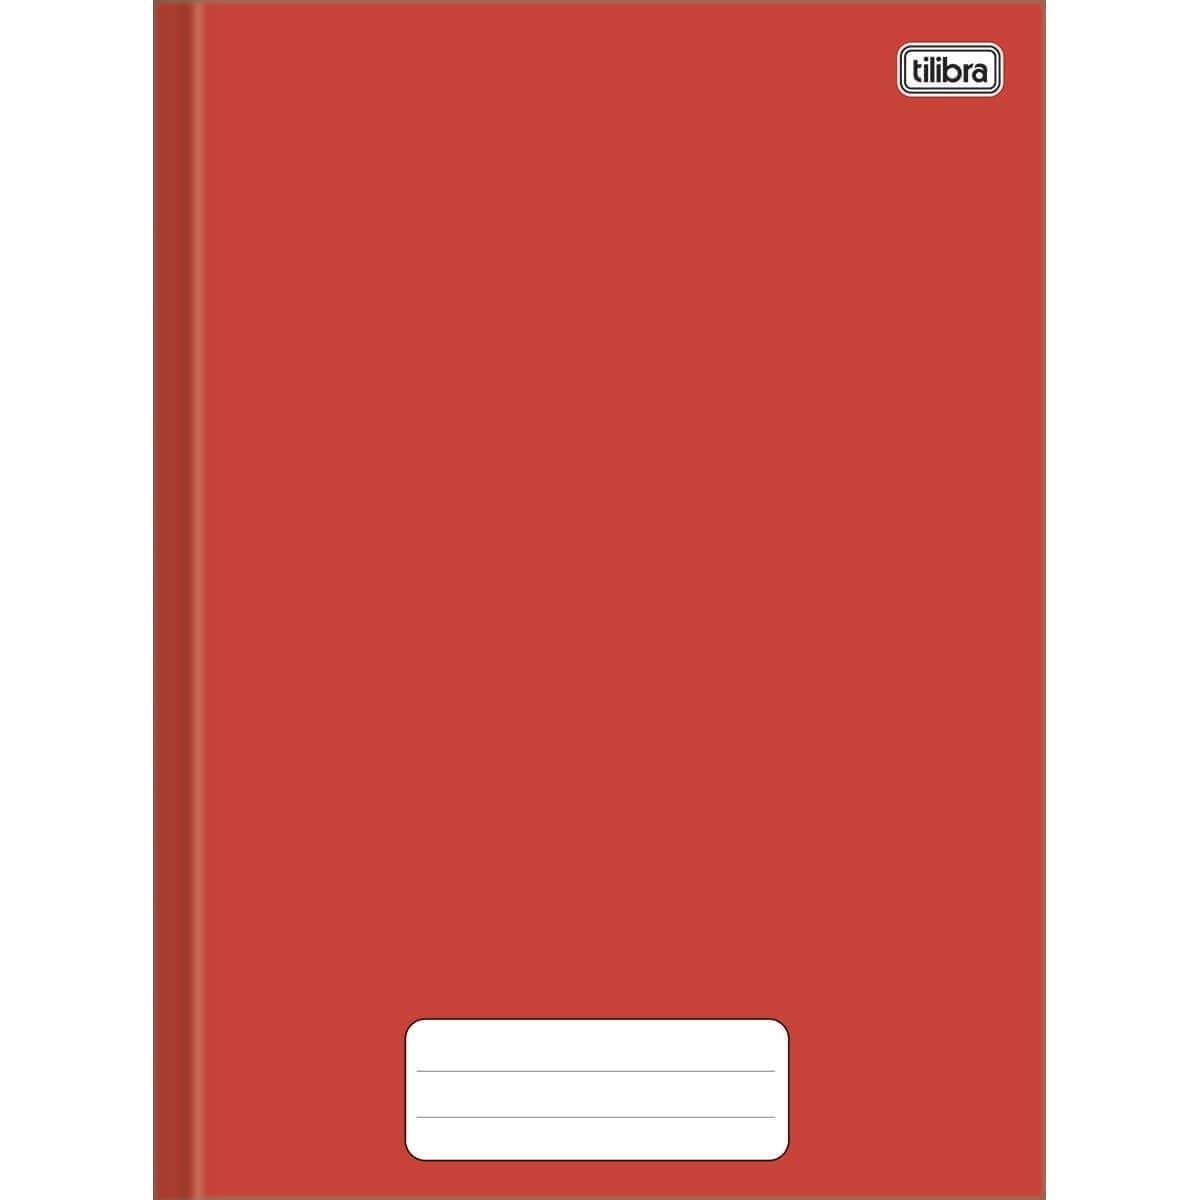 Caderno Brochura Capa Dura 1/4 Pepper 40 Folhas Tilibra